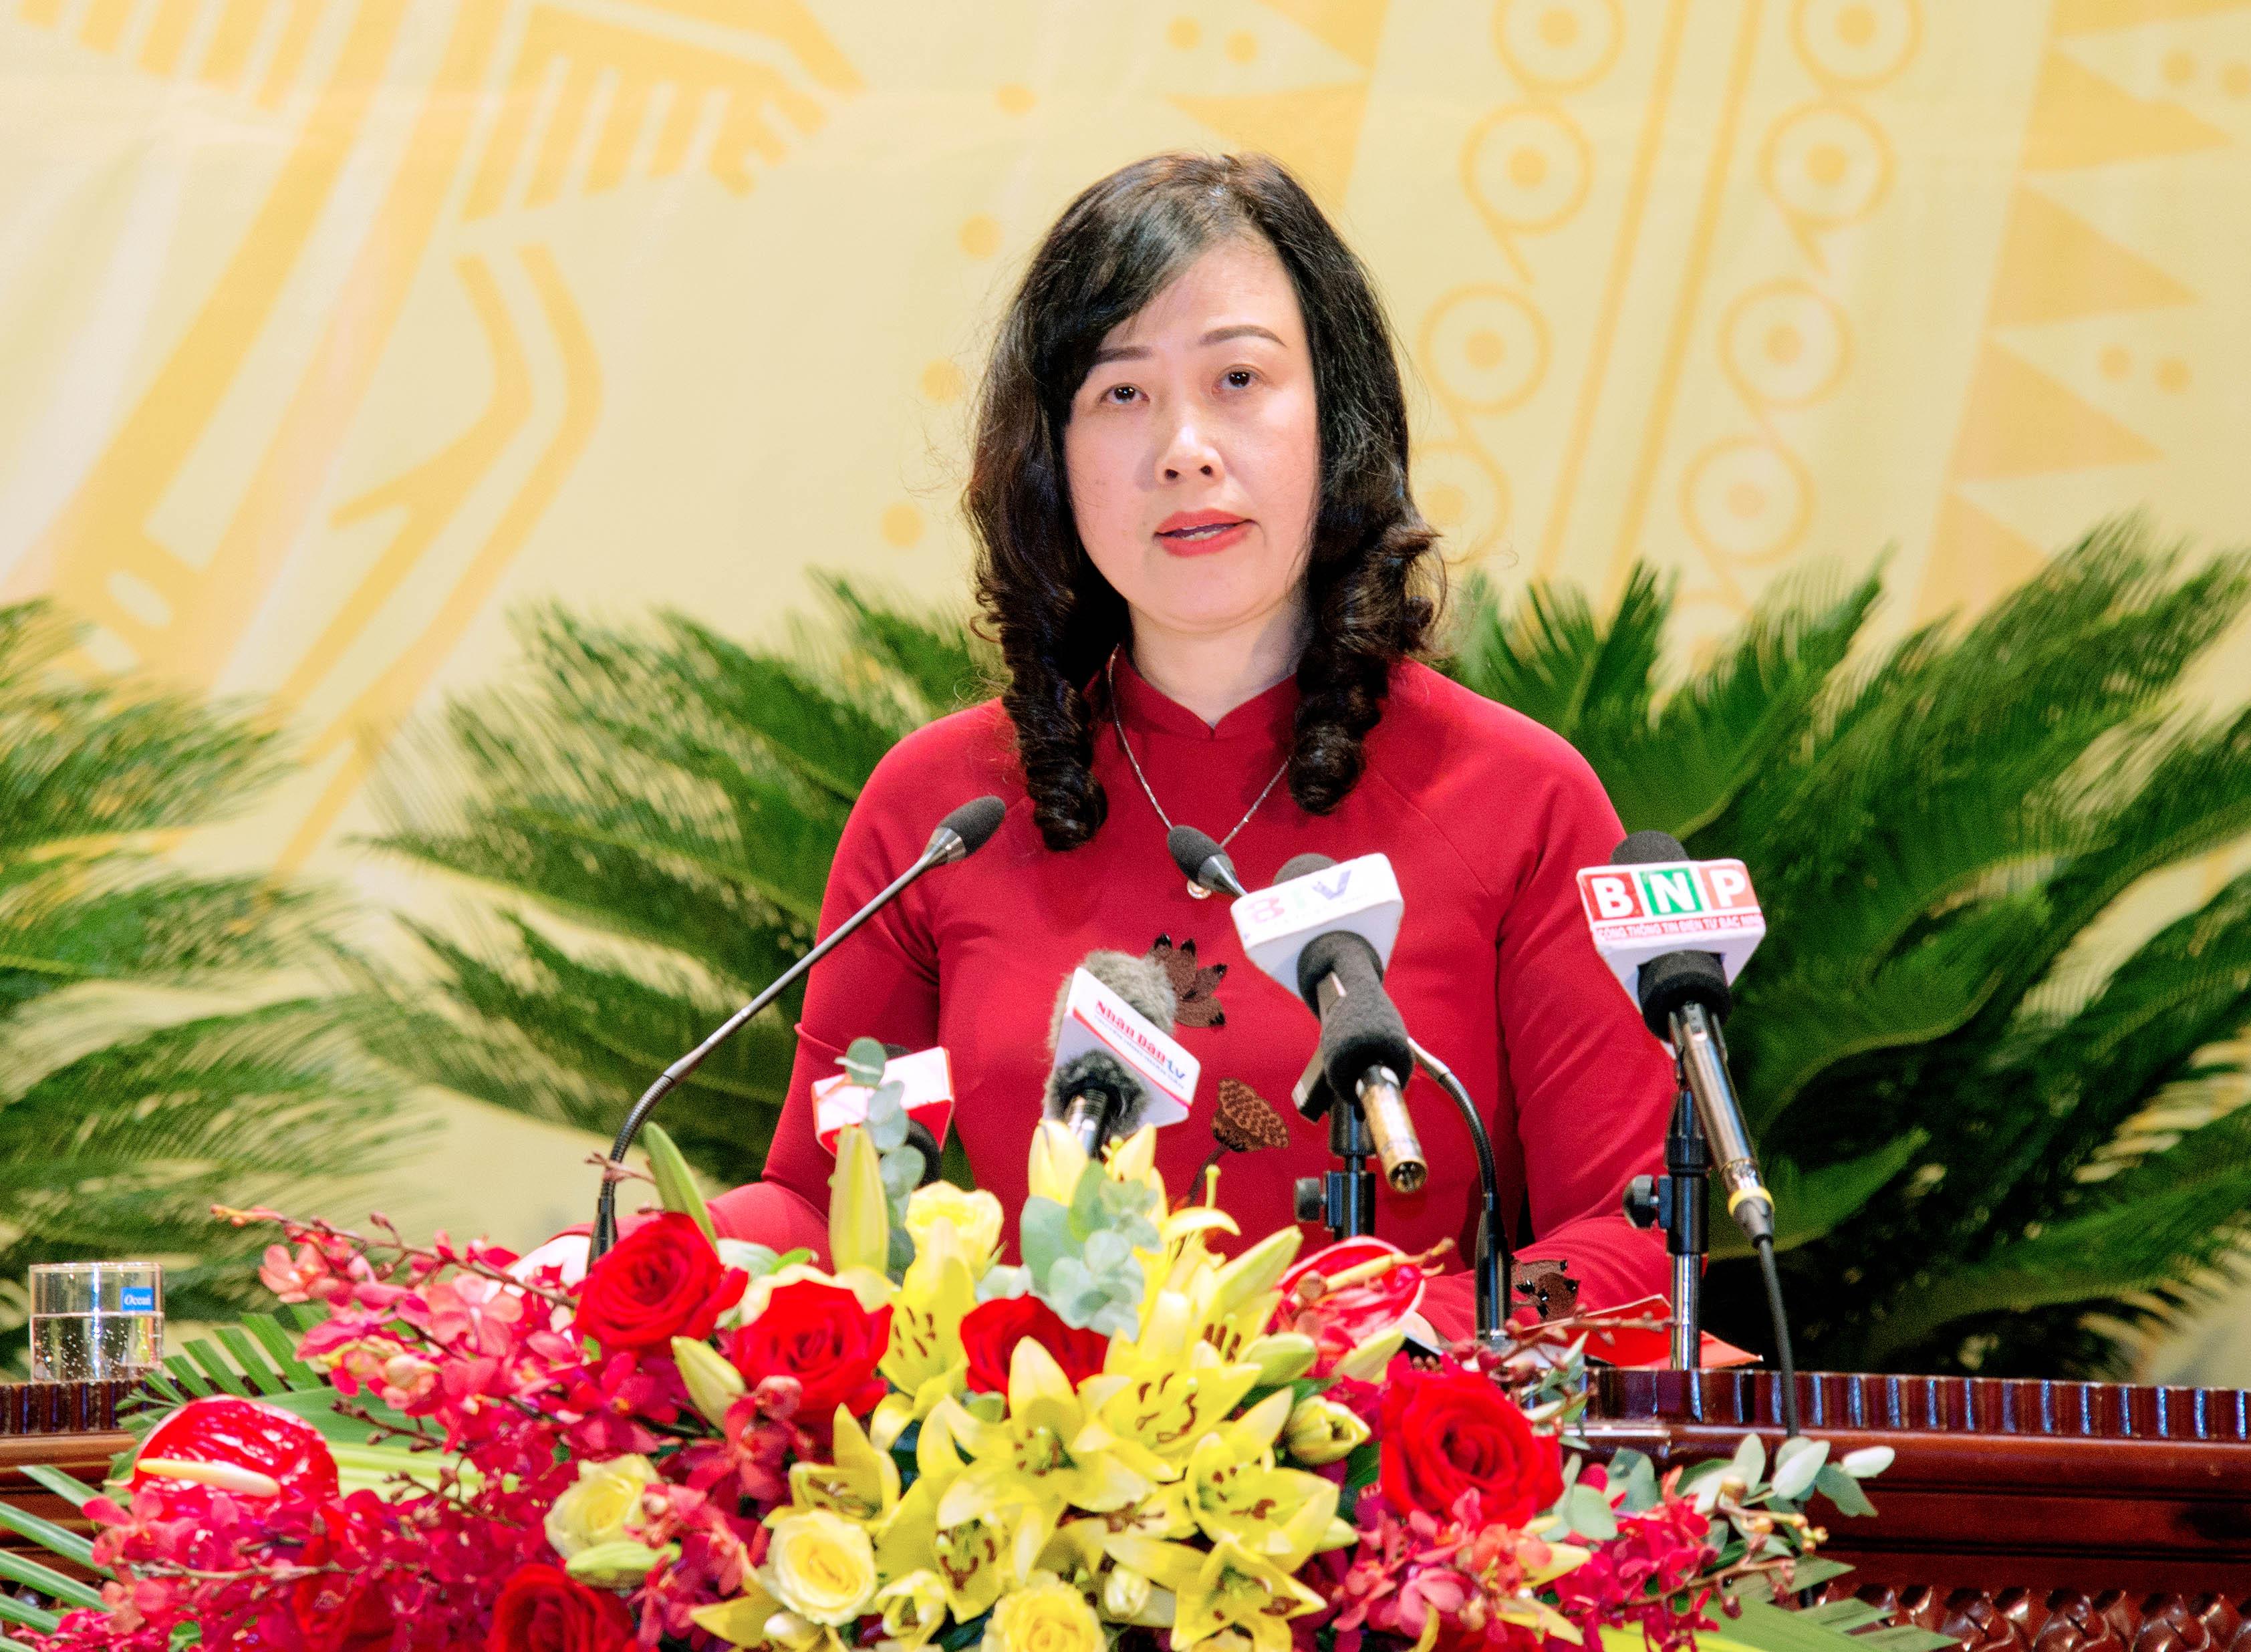 Đồng chí Đào Hồng Lan trúng cử Bí thư Tỉnh ủy Bắc Ninh